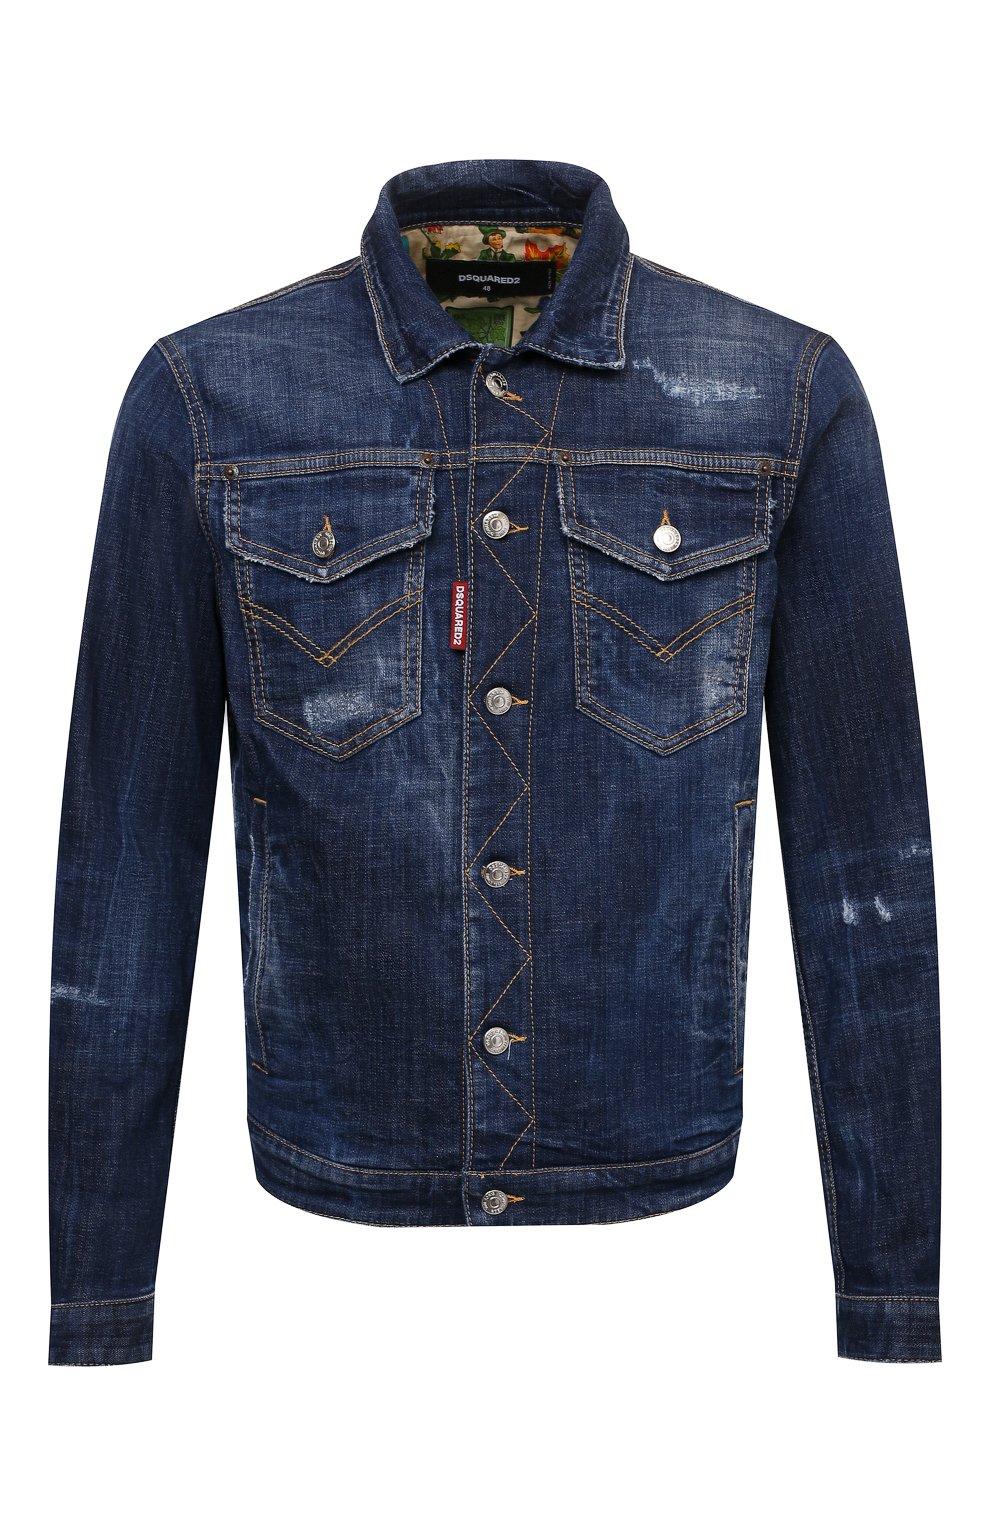 Мужская джинсовая куртка DSQUARED2 темно-синего цвета, арт. S74AM1207/S30342   Фото 1 (Кросс-КТ: Куртка, Деним; Рукава: Длинные; Стили: Гранж; Материал внешний: Хлопок; Длина (верхняя одежда): Короткие; Материал подклада: Хлопок)